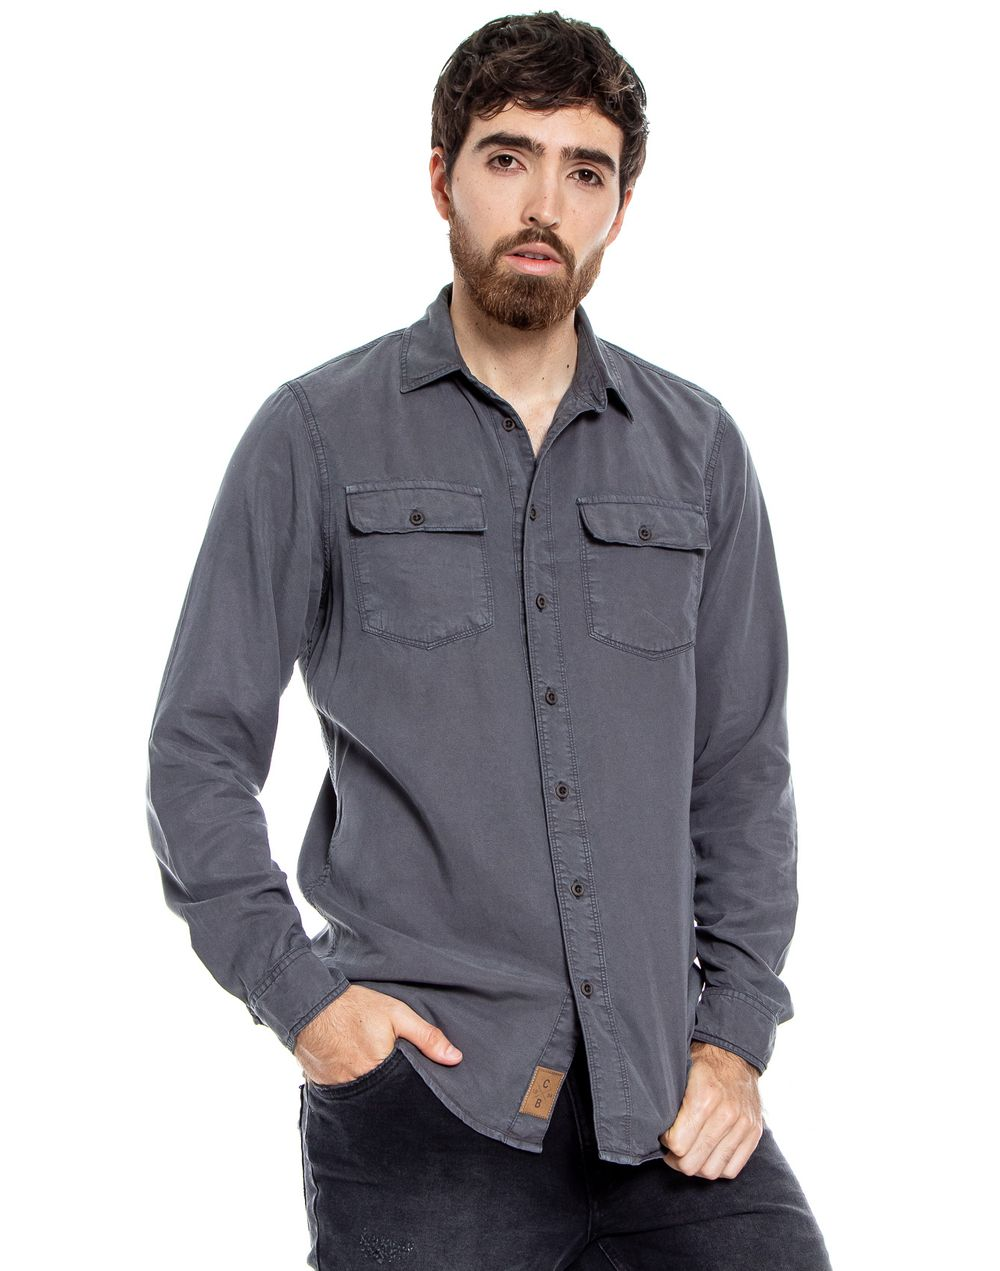 camisa-042616-gris-1.jpg